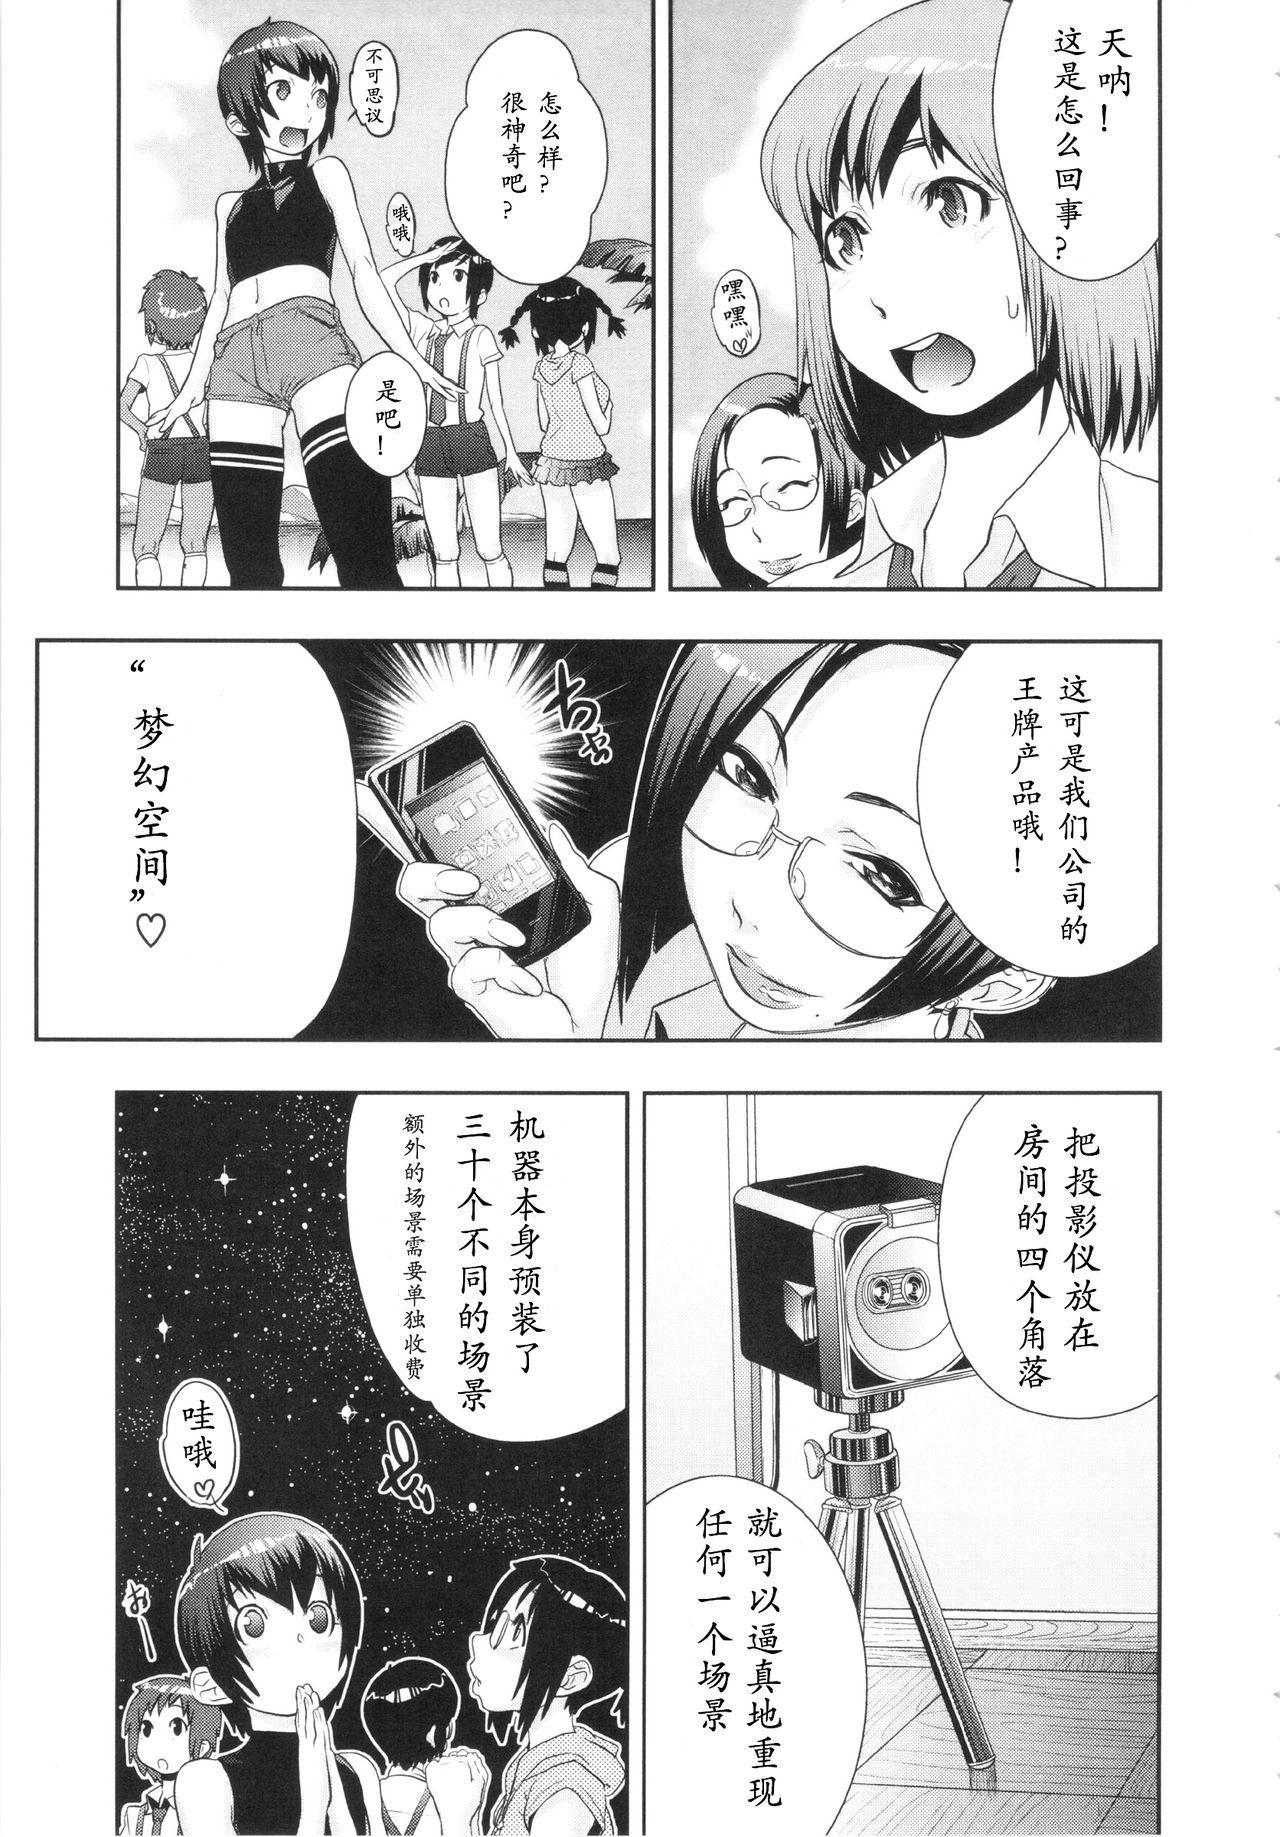 Meshimase! Adult Toys 6